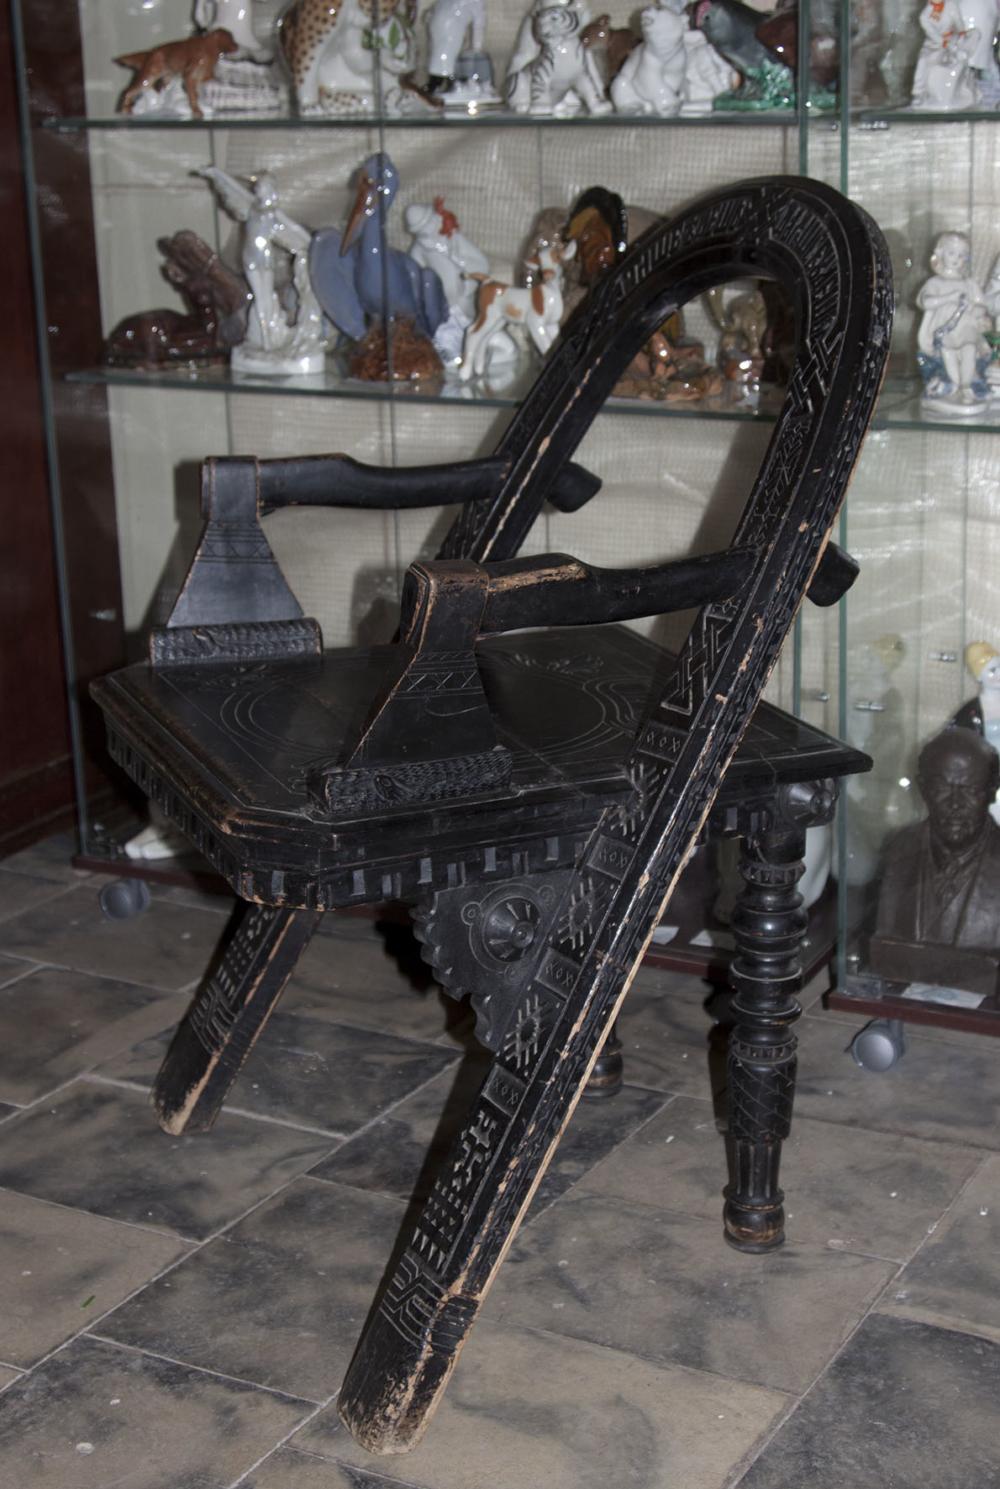 Кресло с топорами «Тише едешь дальше будешь» по модели Шутова В.П